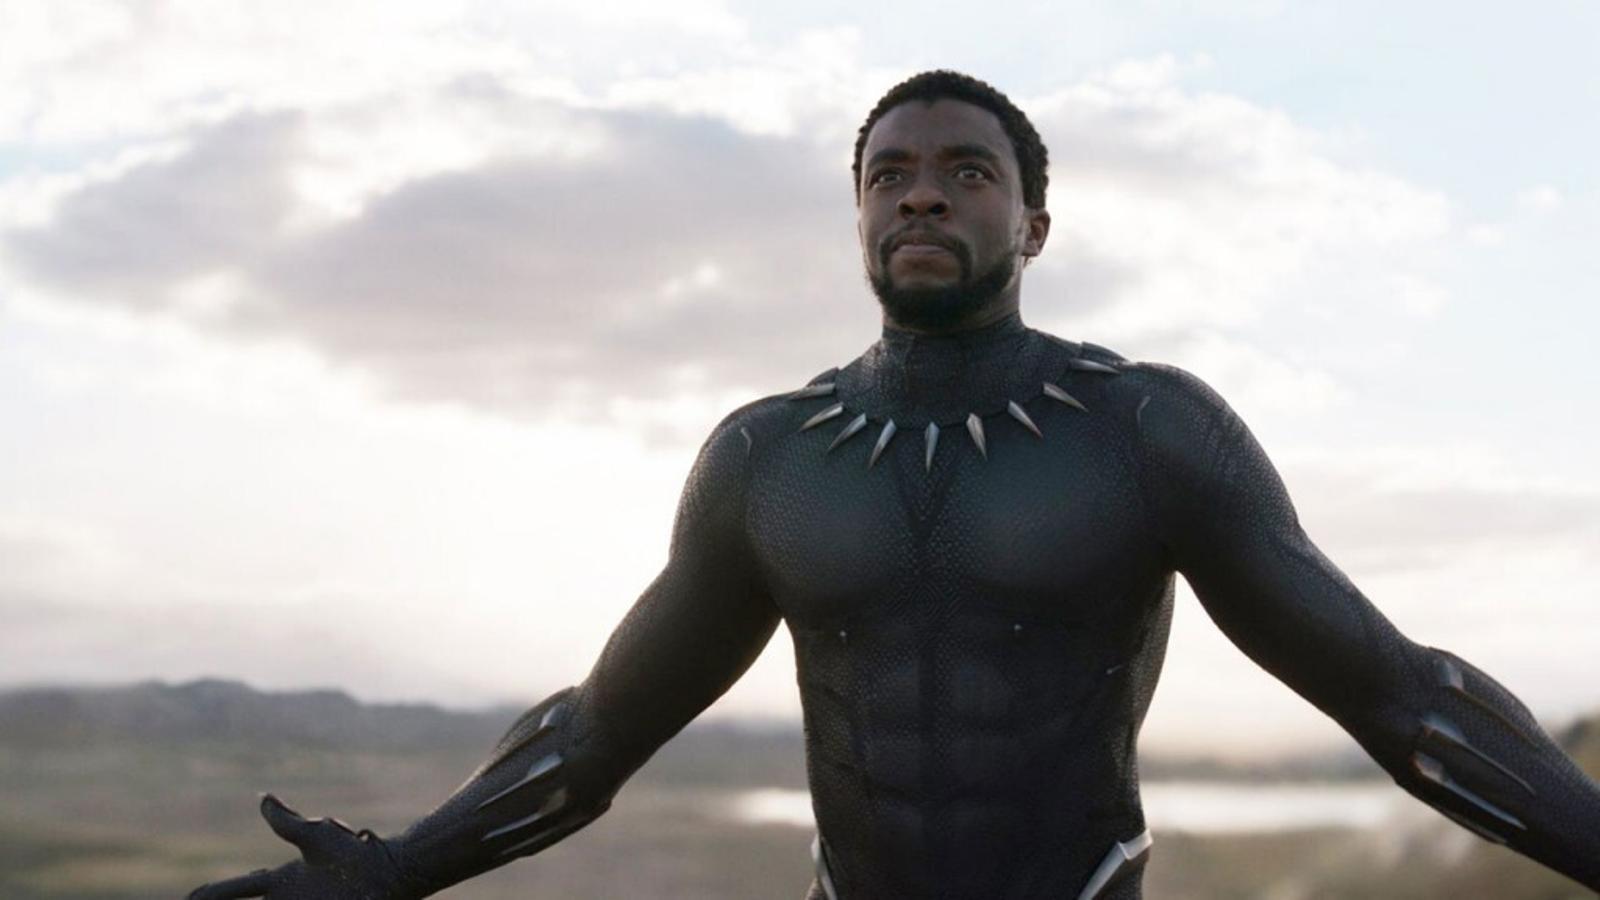 Chadwick Boseman a 'Black Panther'